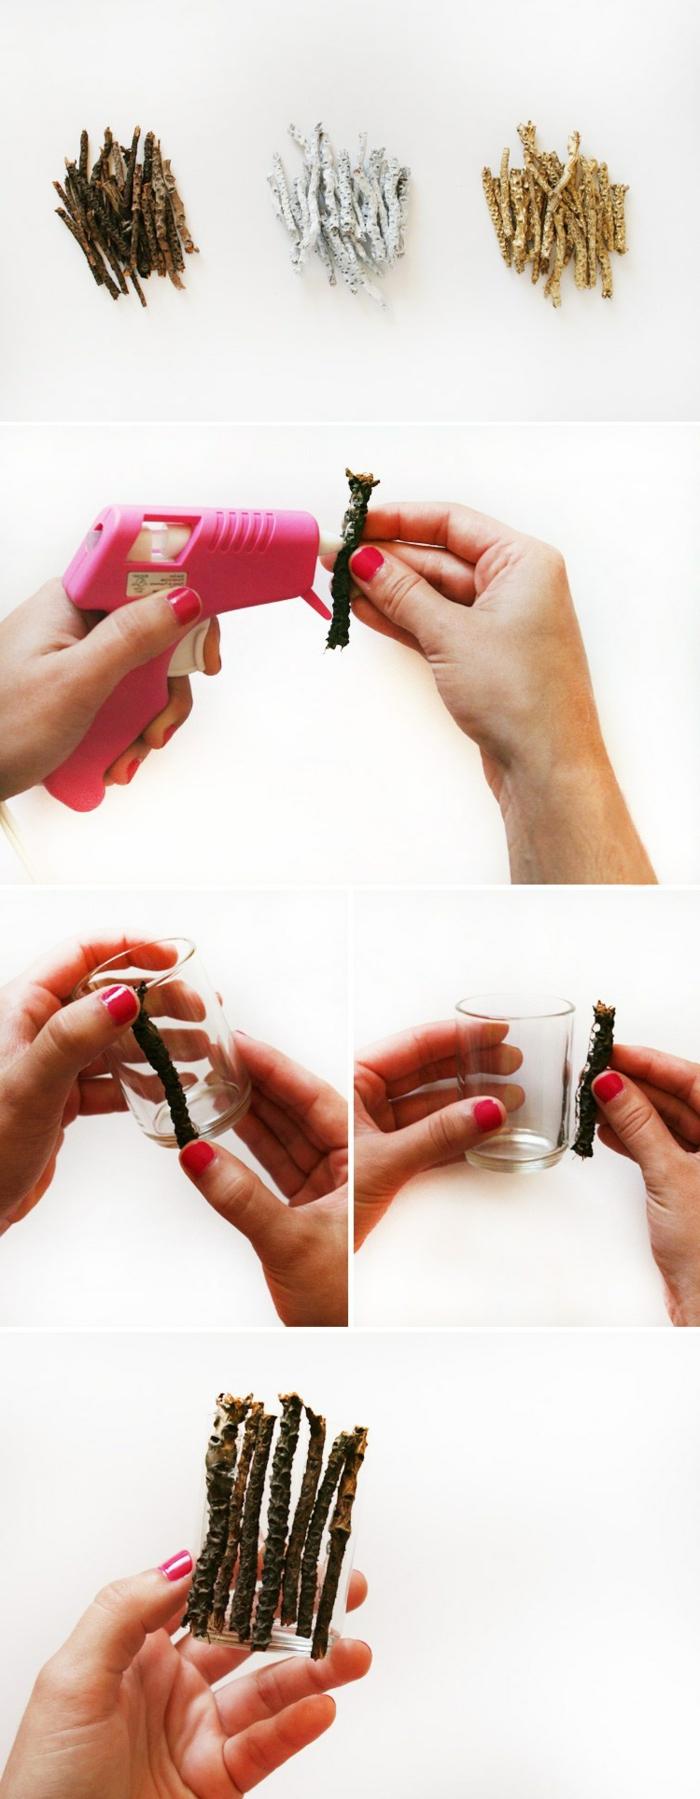 pasos para hacer unas porta velas decorativas de tarros decorados con palos de madera en diferentes colores